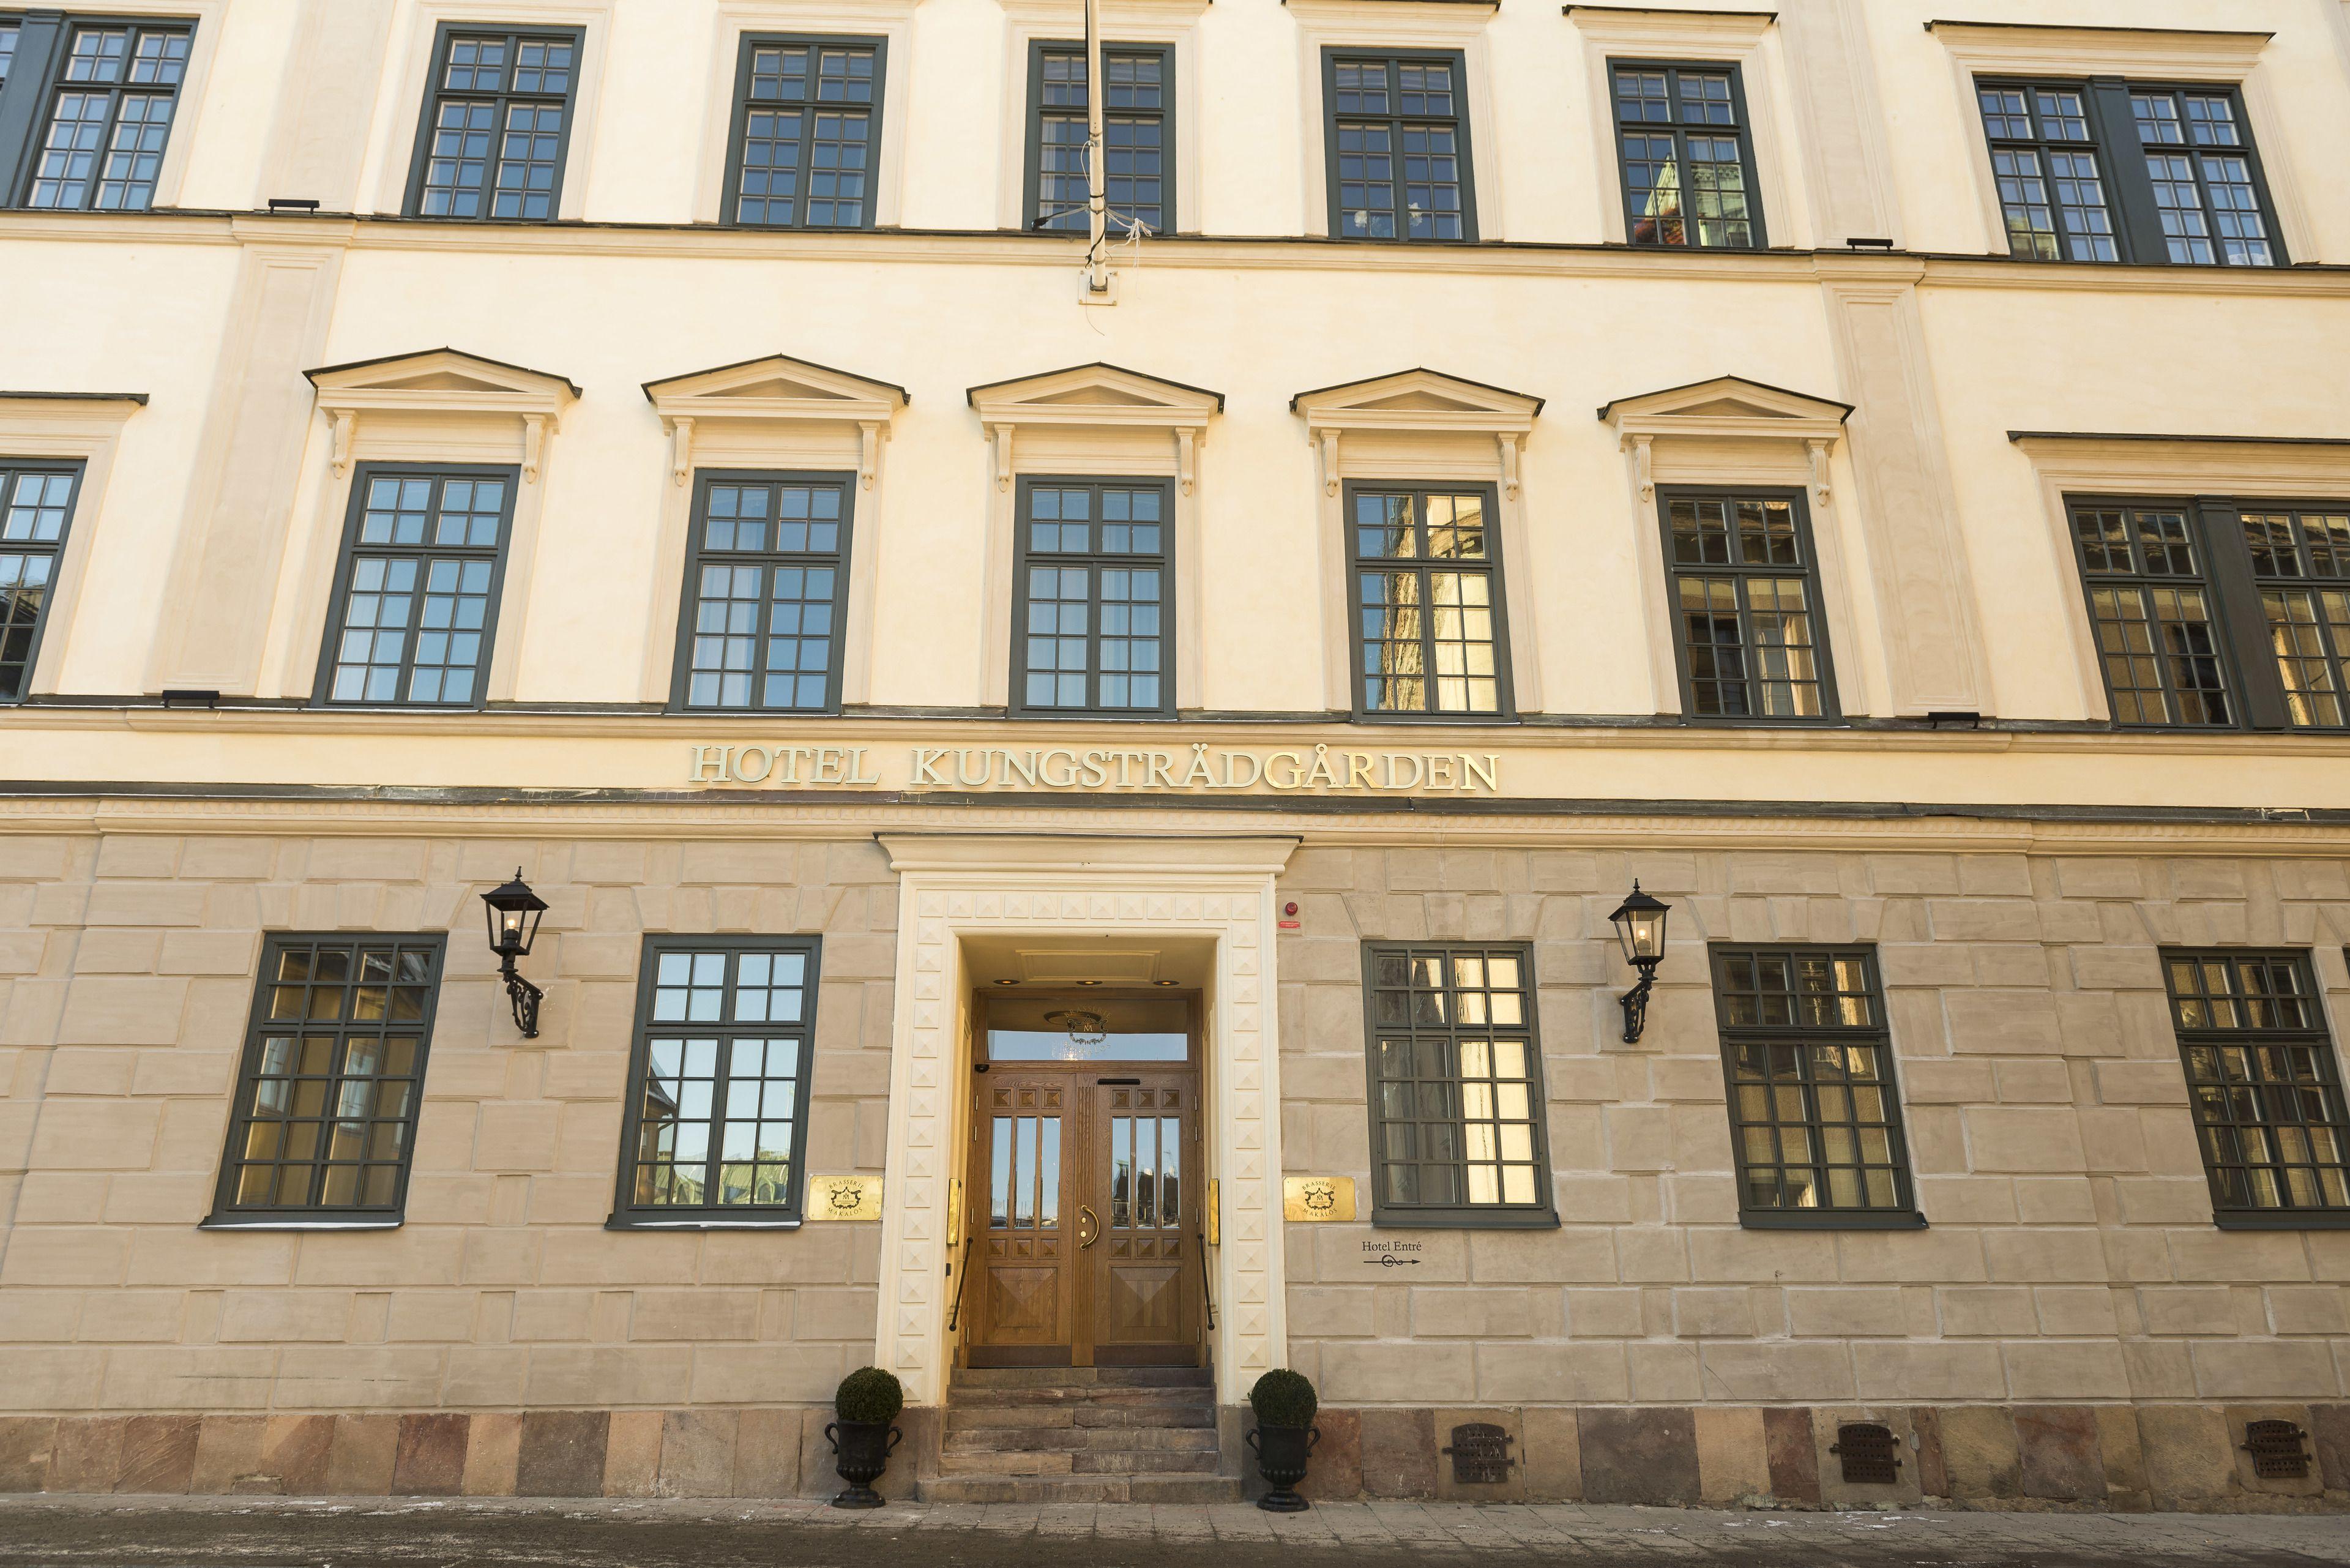 Hotel Kungsträdgården - The Kings Garden Hotel, Stockholm